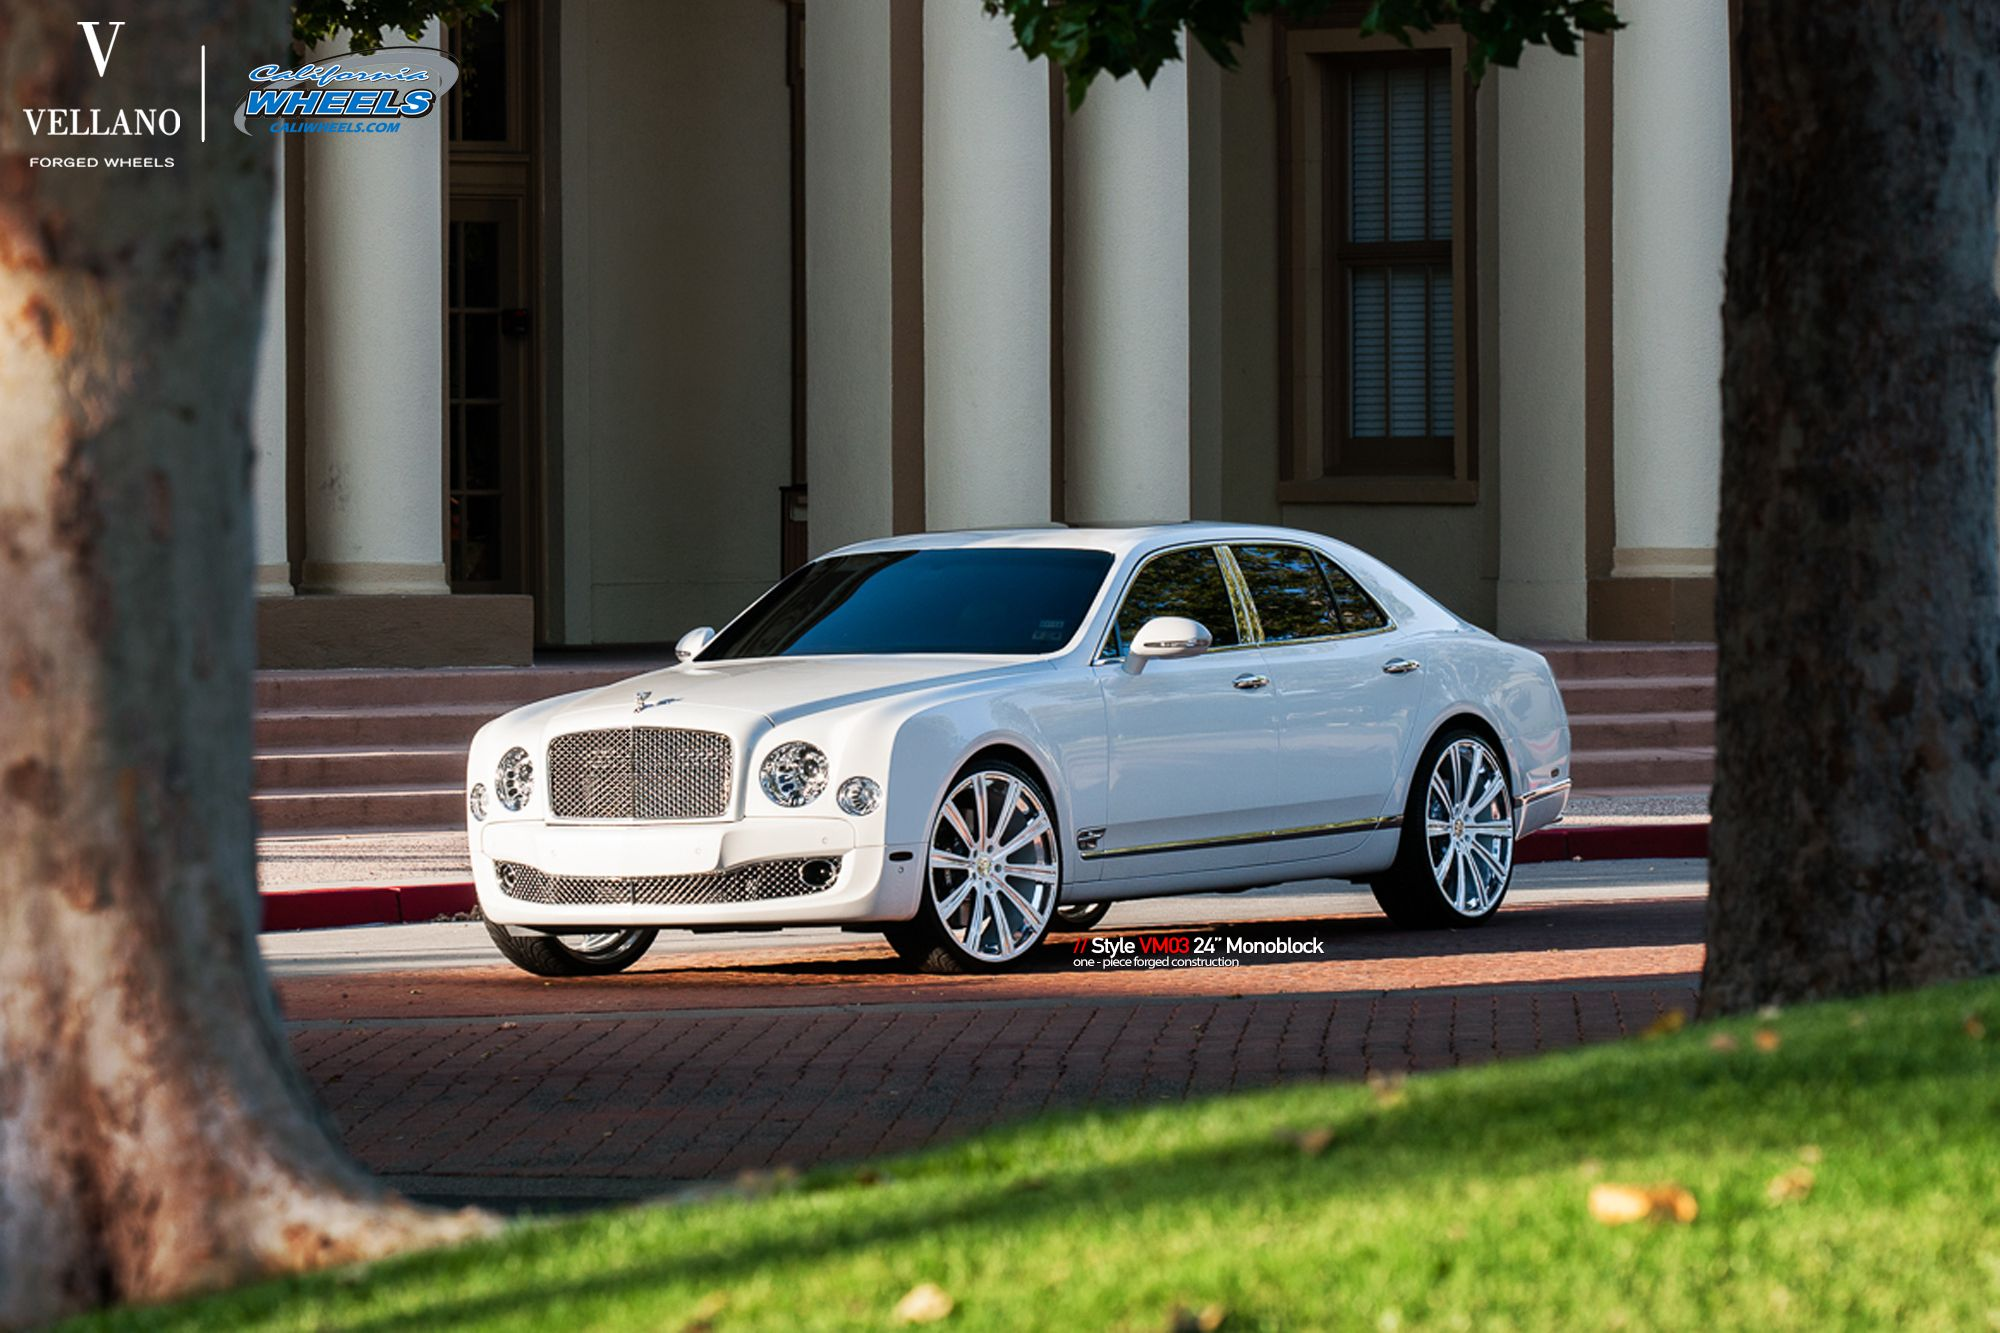 Bentley with rims bentley on 24 rims bentley mulsanne on 24s for bentley with rims bentley on 24 rims bentley mulsanne on 24s for pinterest sciox Gallery